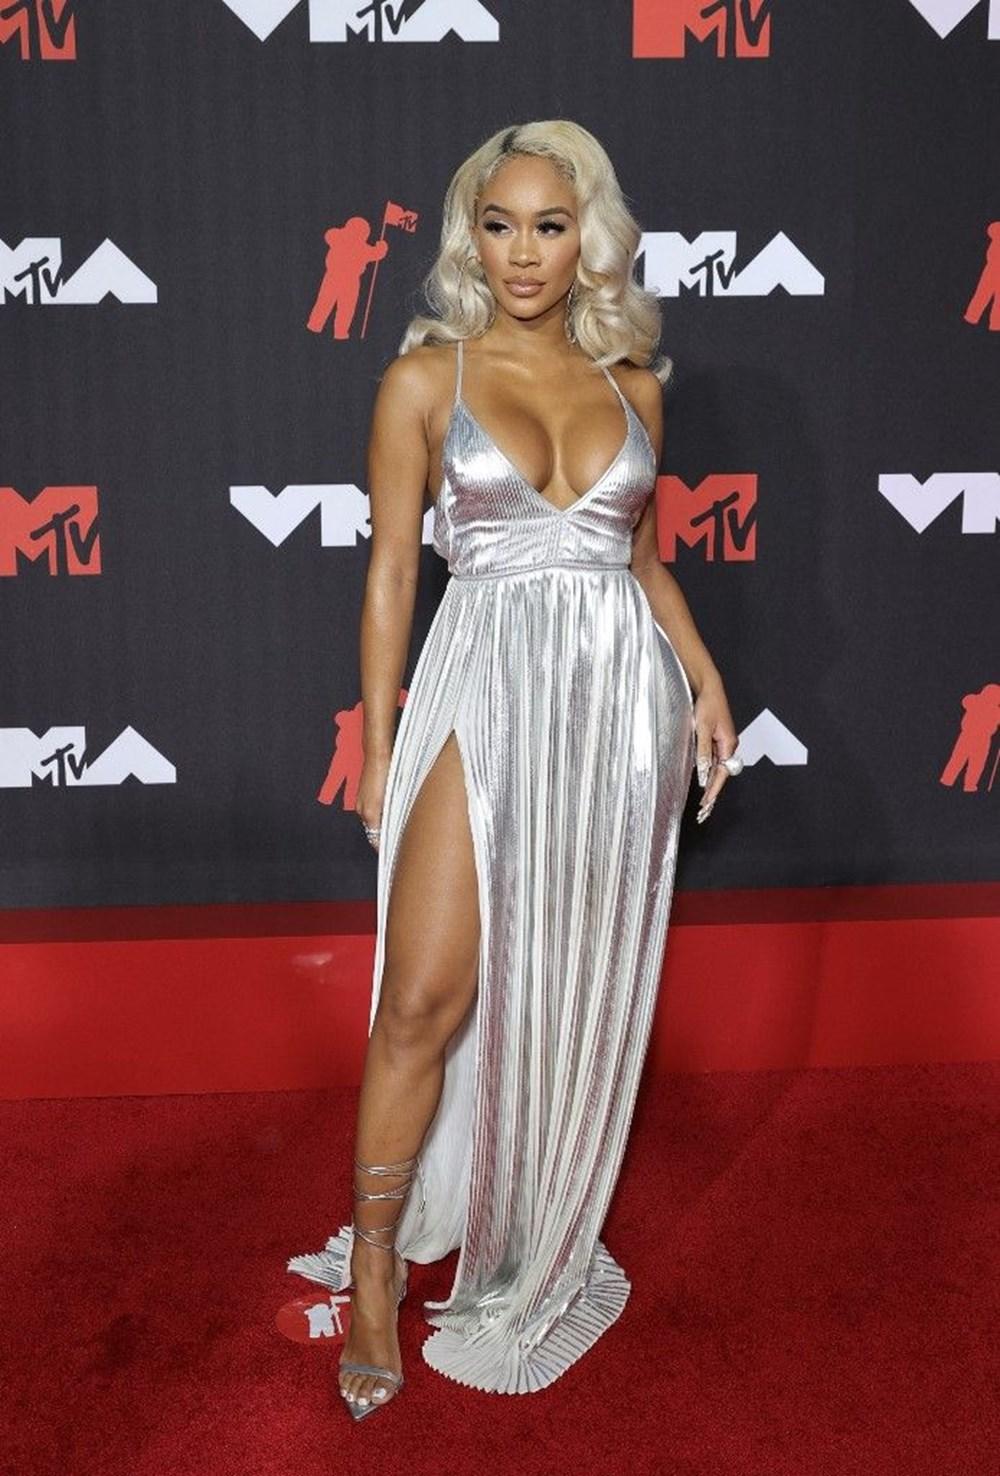 2021 MTV Video Müzik Ödülleri sahiplerini buldu - 18